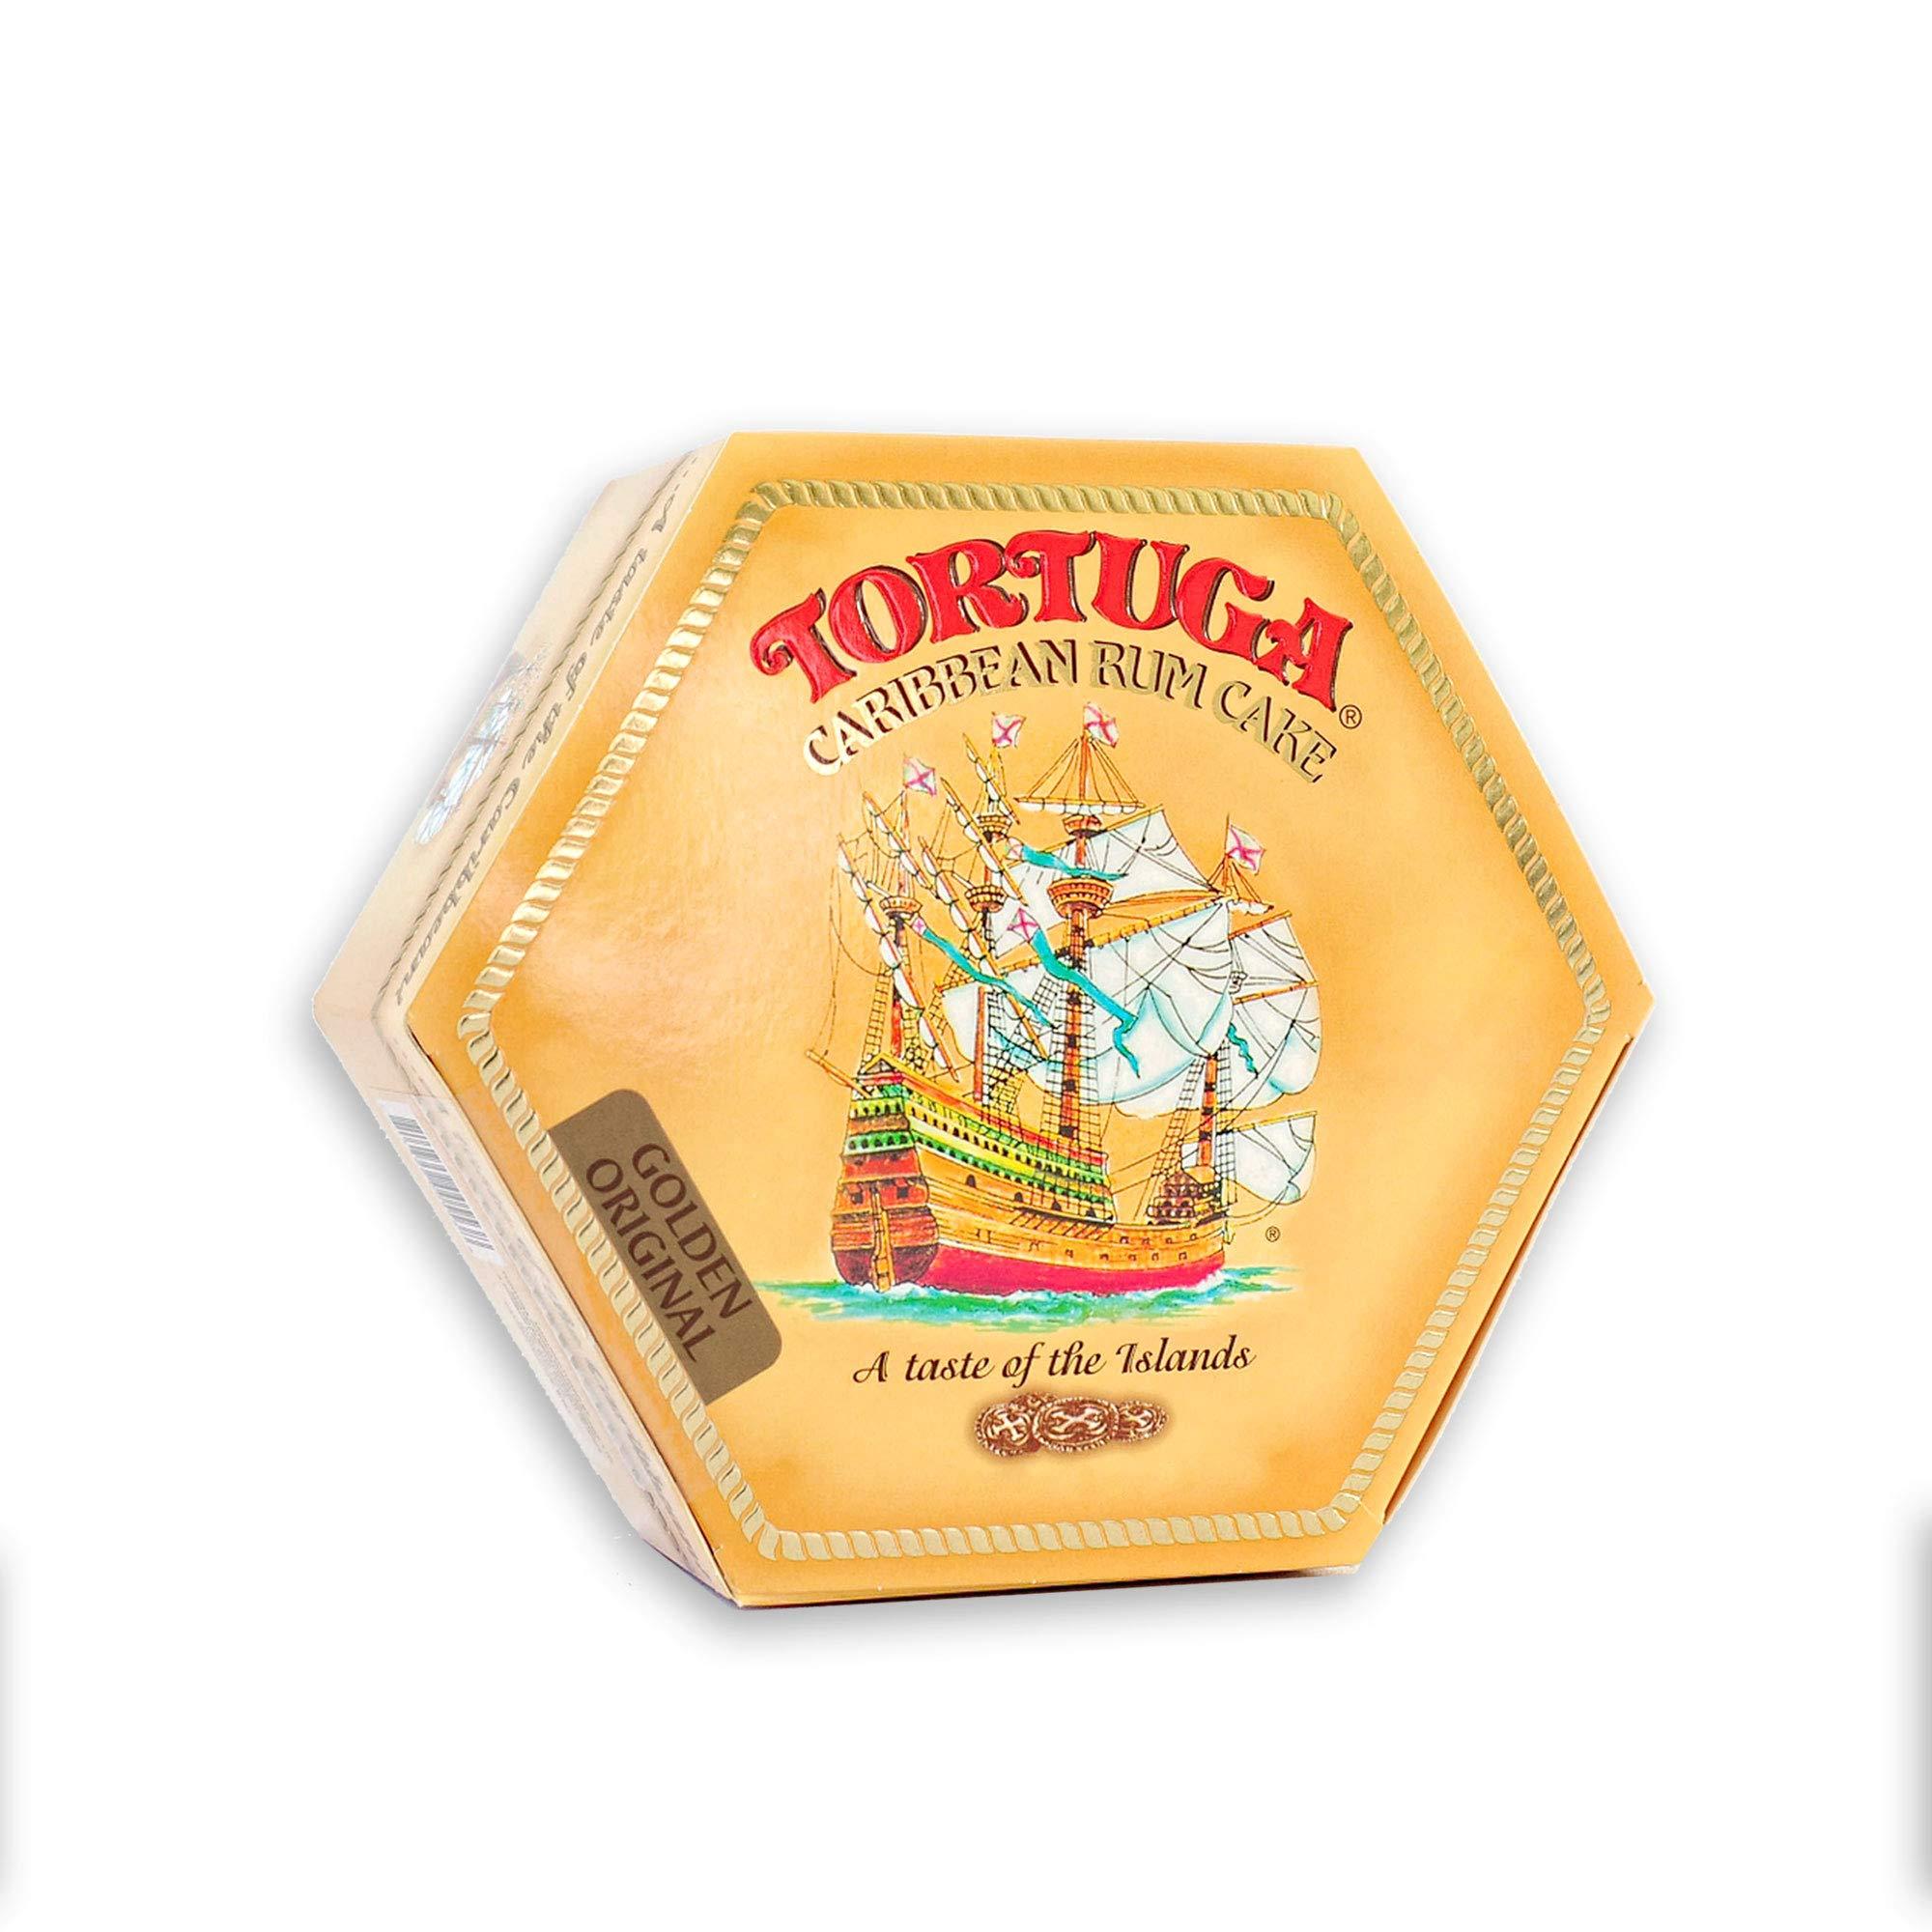 Tortuga Golden Rum Cake from Caribbean, 454g